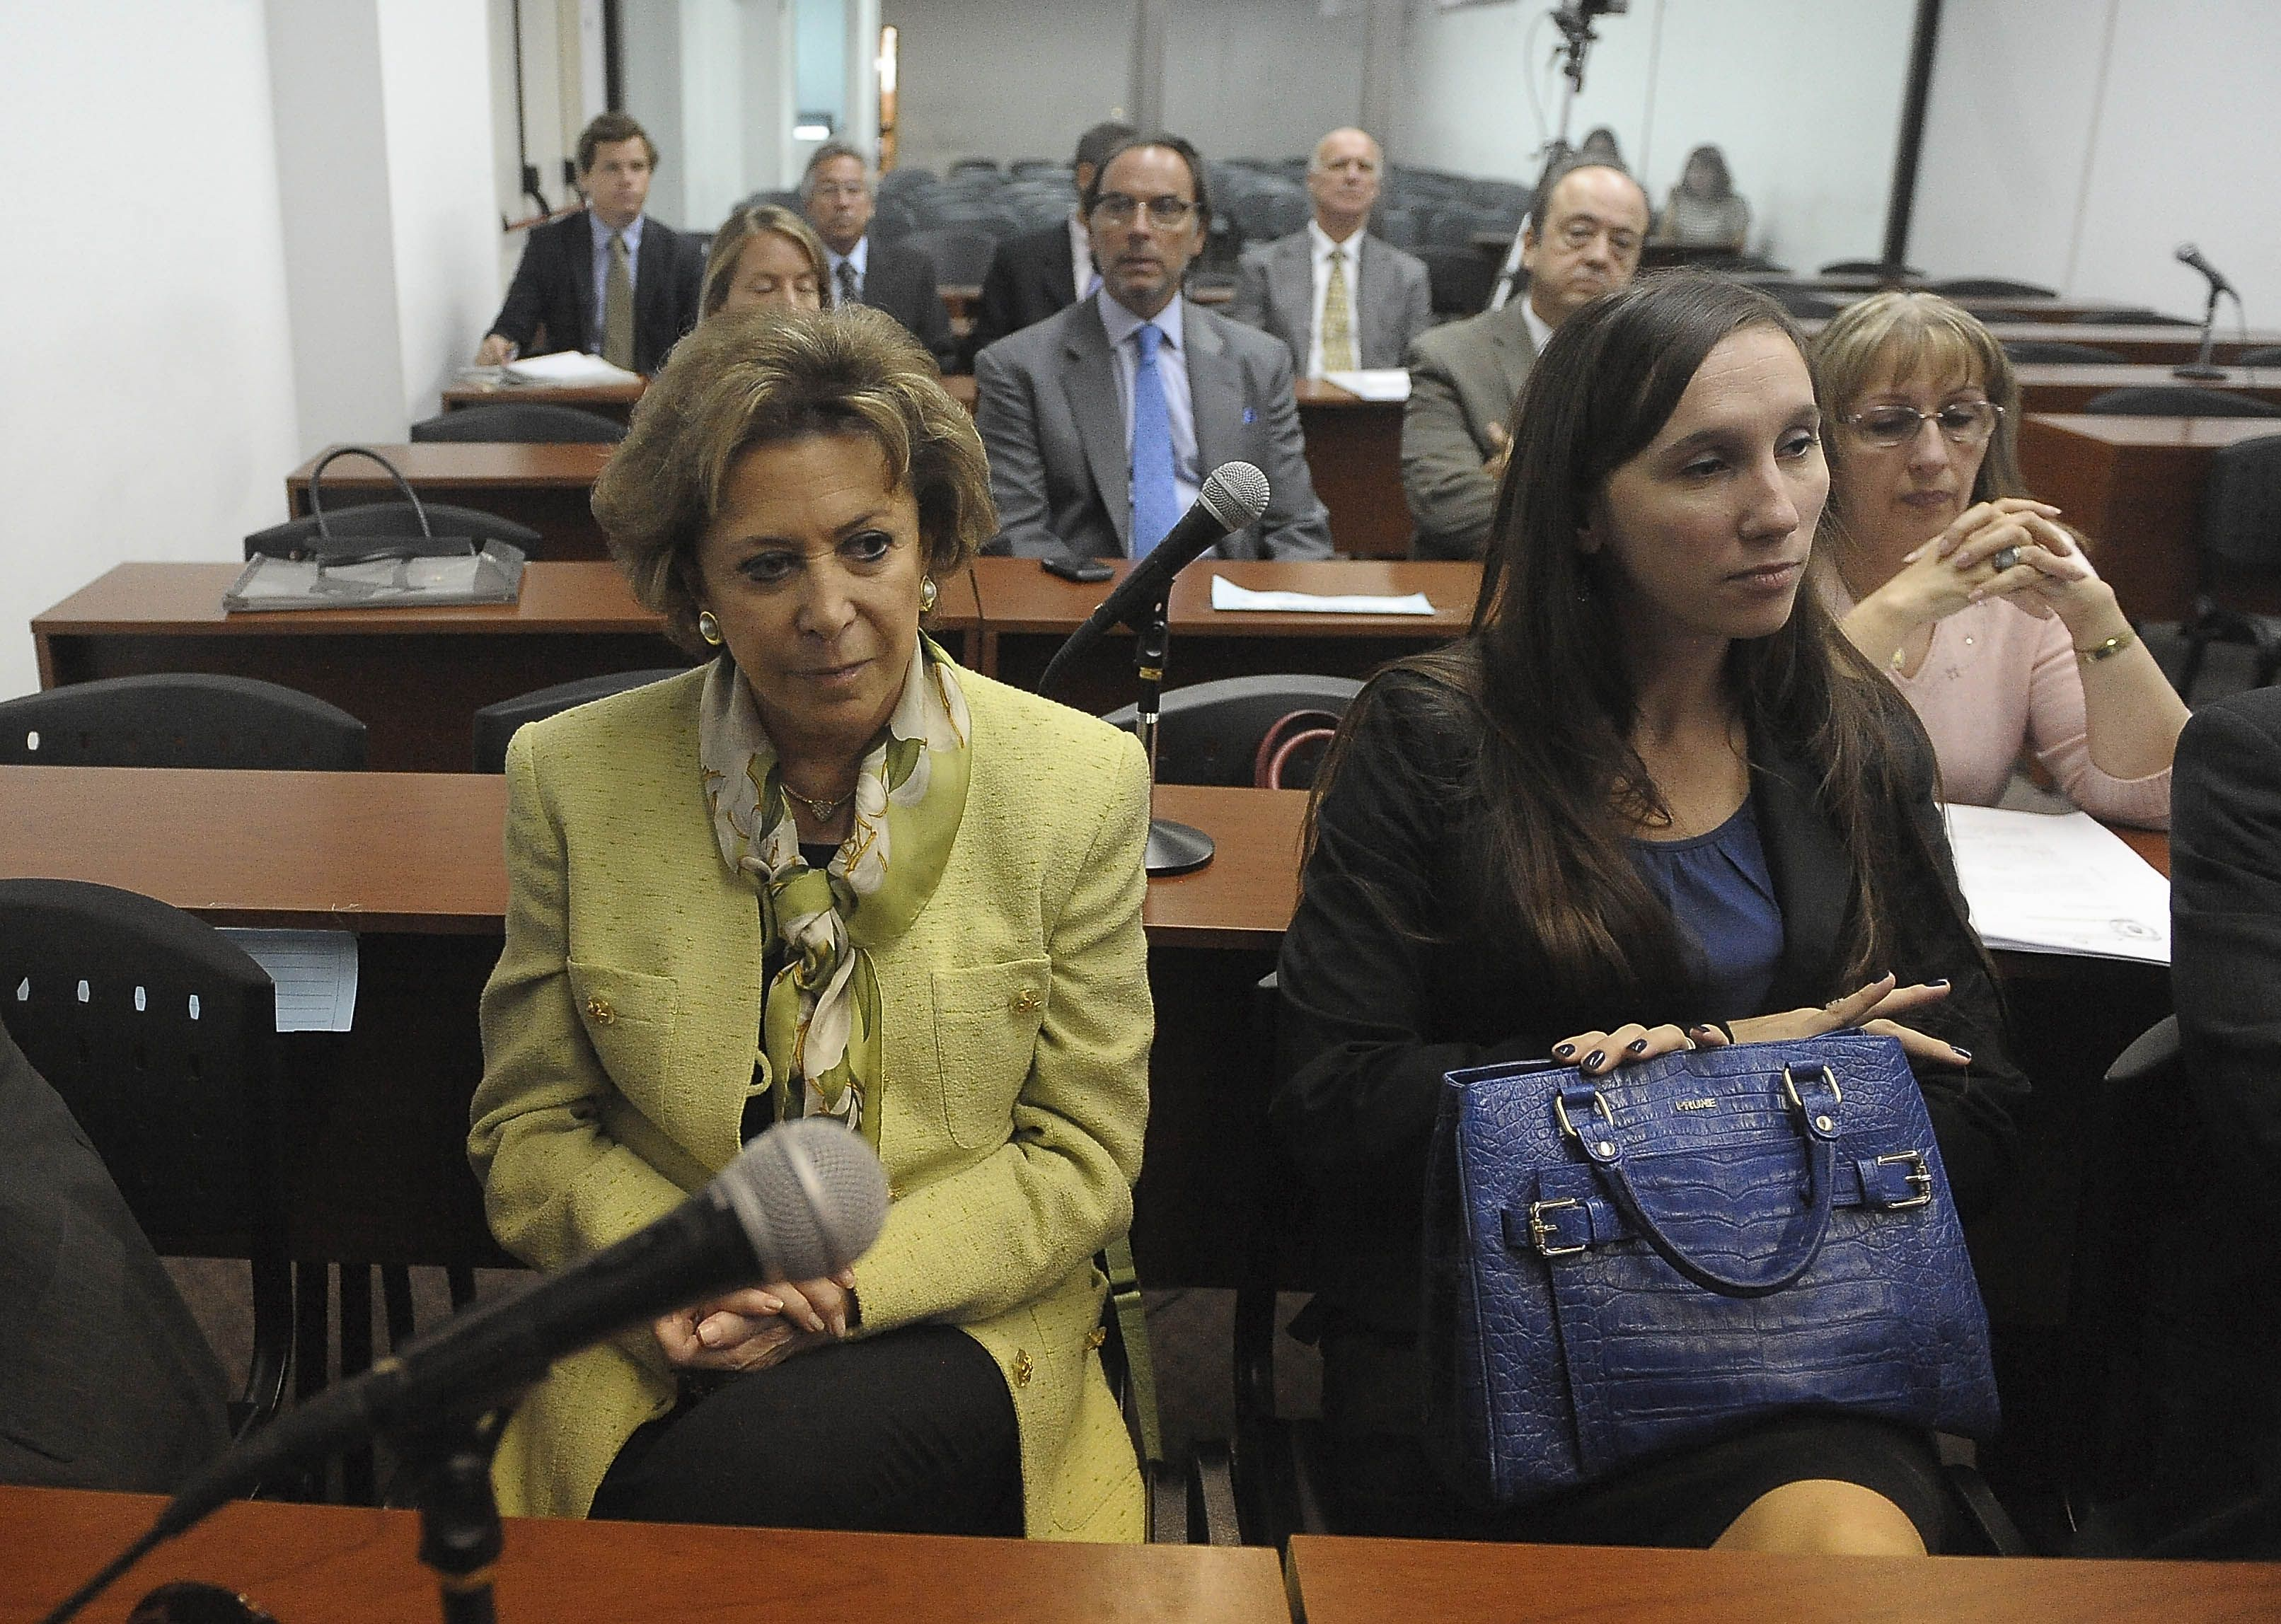 El Tribunal Oral Federal 6 condenó hoy a María Julia Alsogaray a cuatro años de prisión en la causa por fraude durante la privatización de Entel.